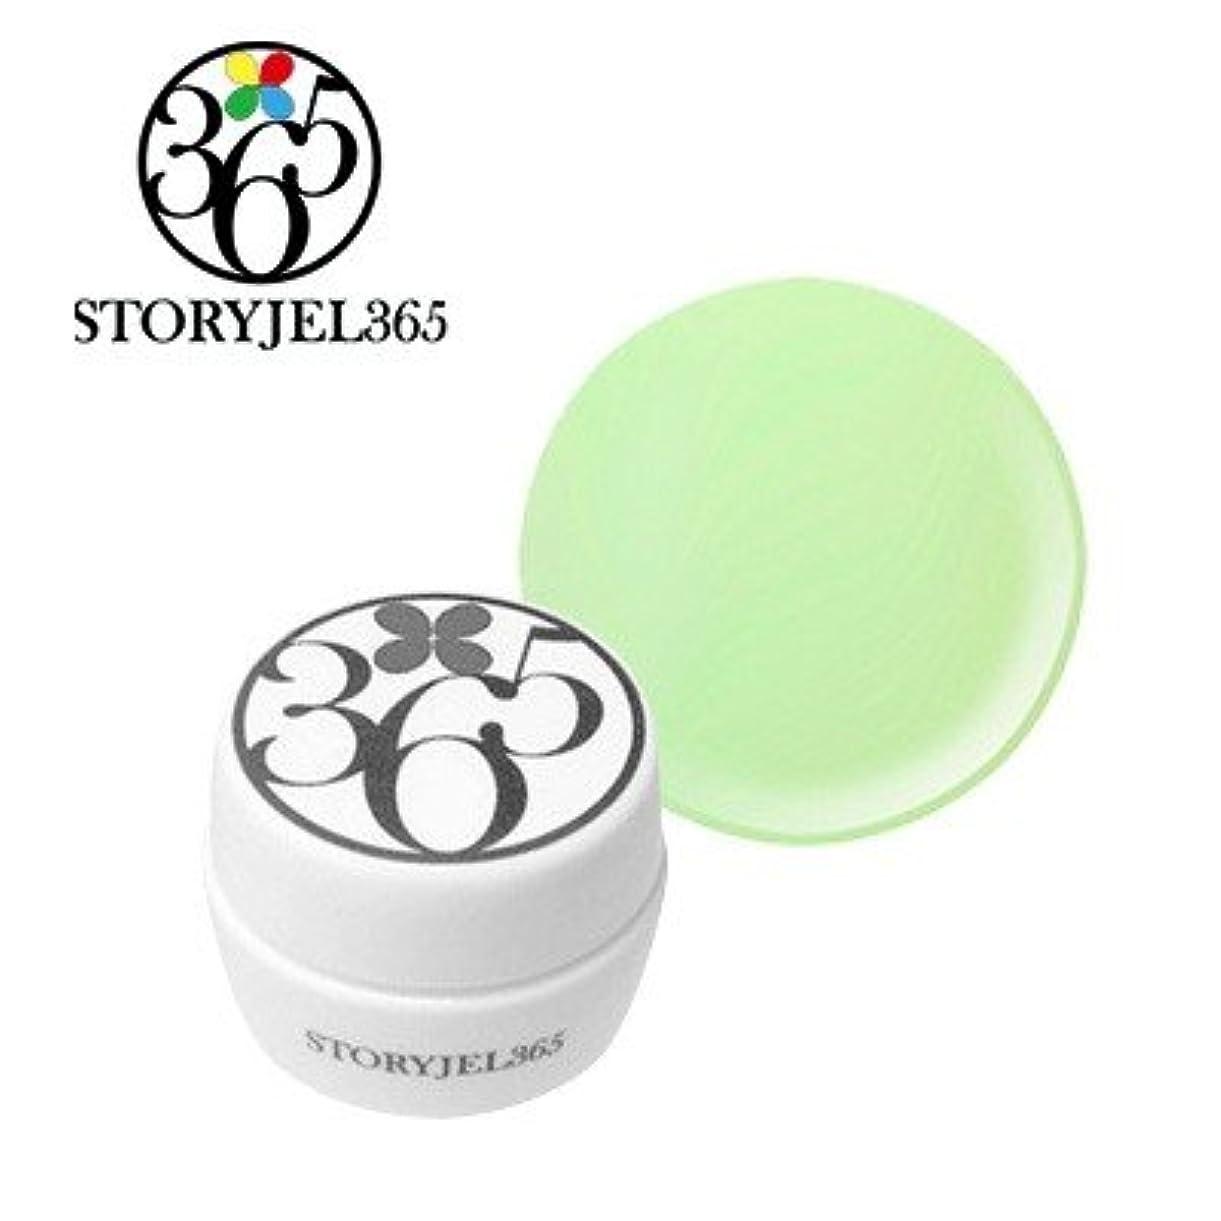 シャツ確保する微生物STORYJEL365 カラージェル SJM-100M エンドウ豆のスープ5g